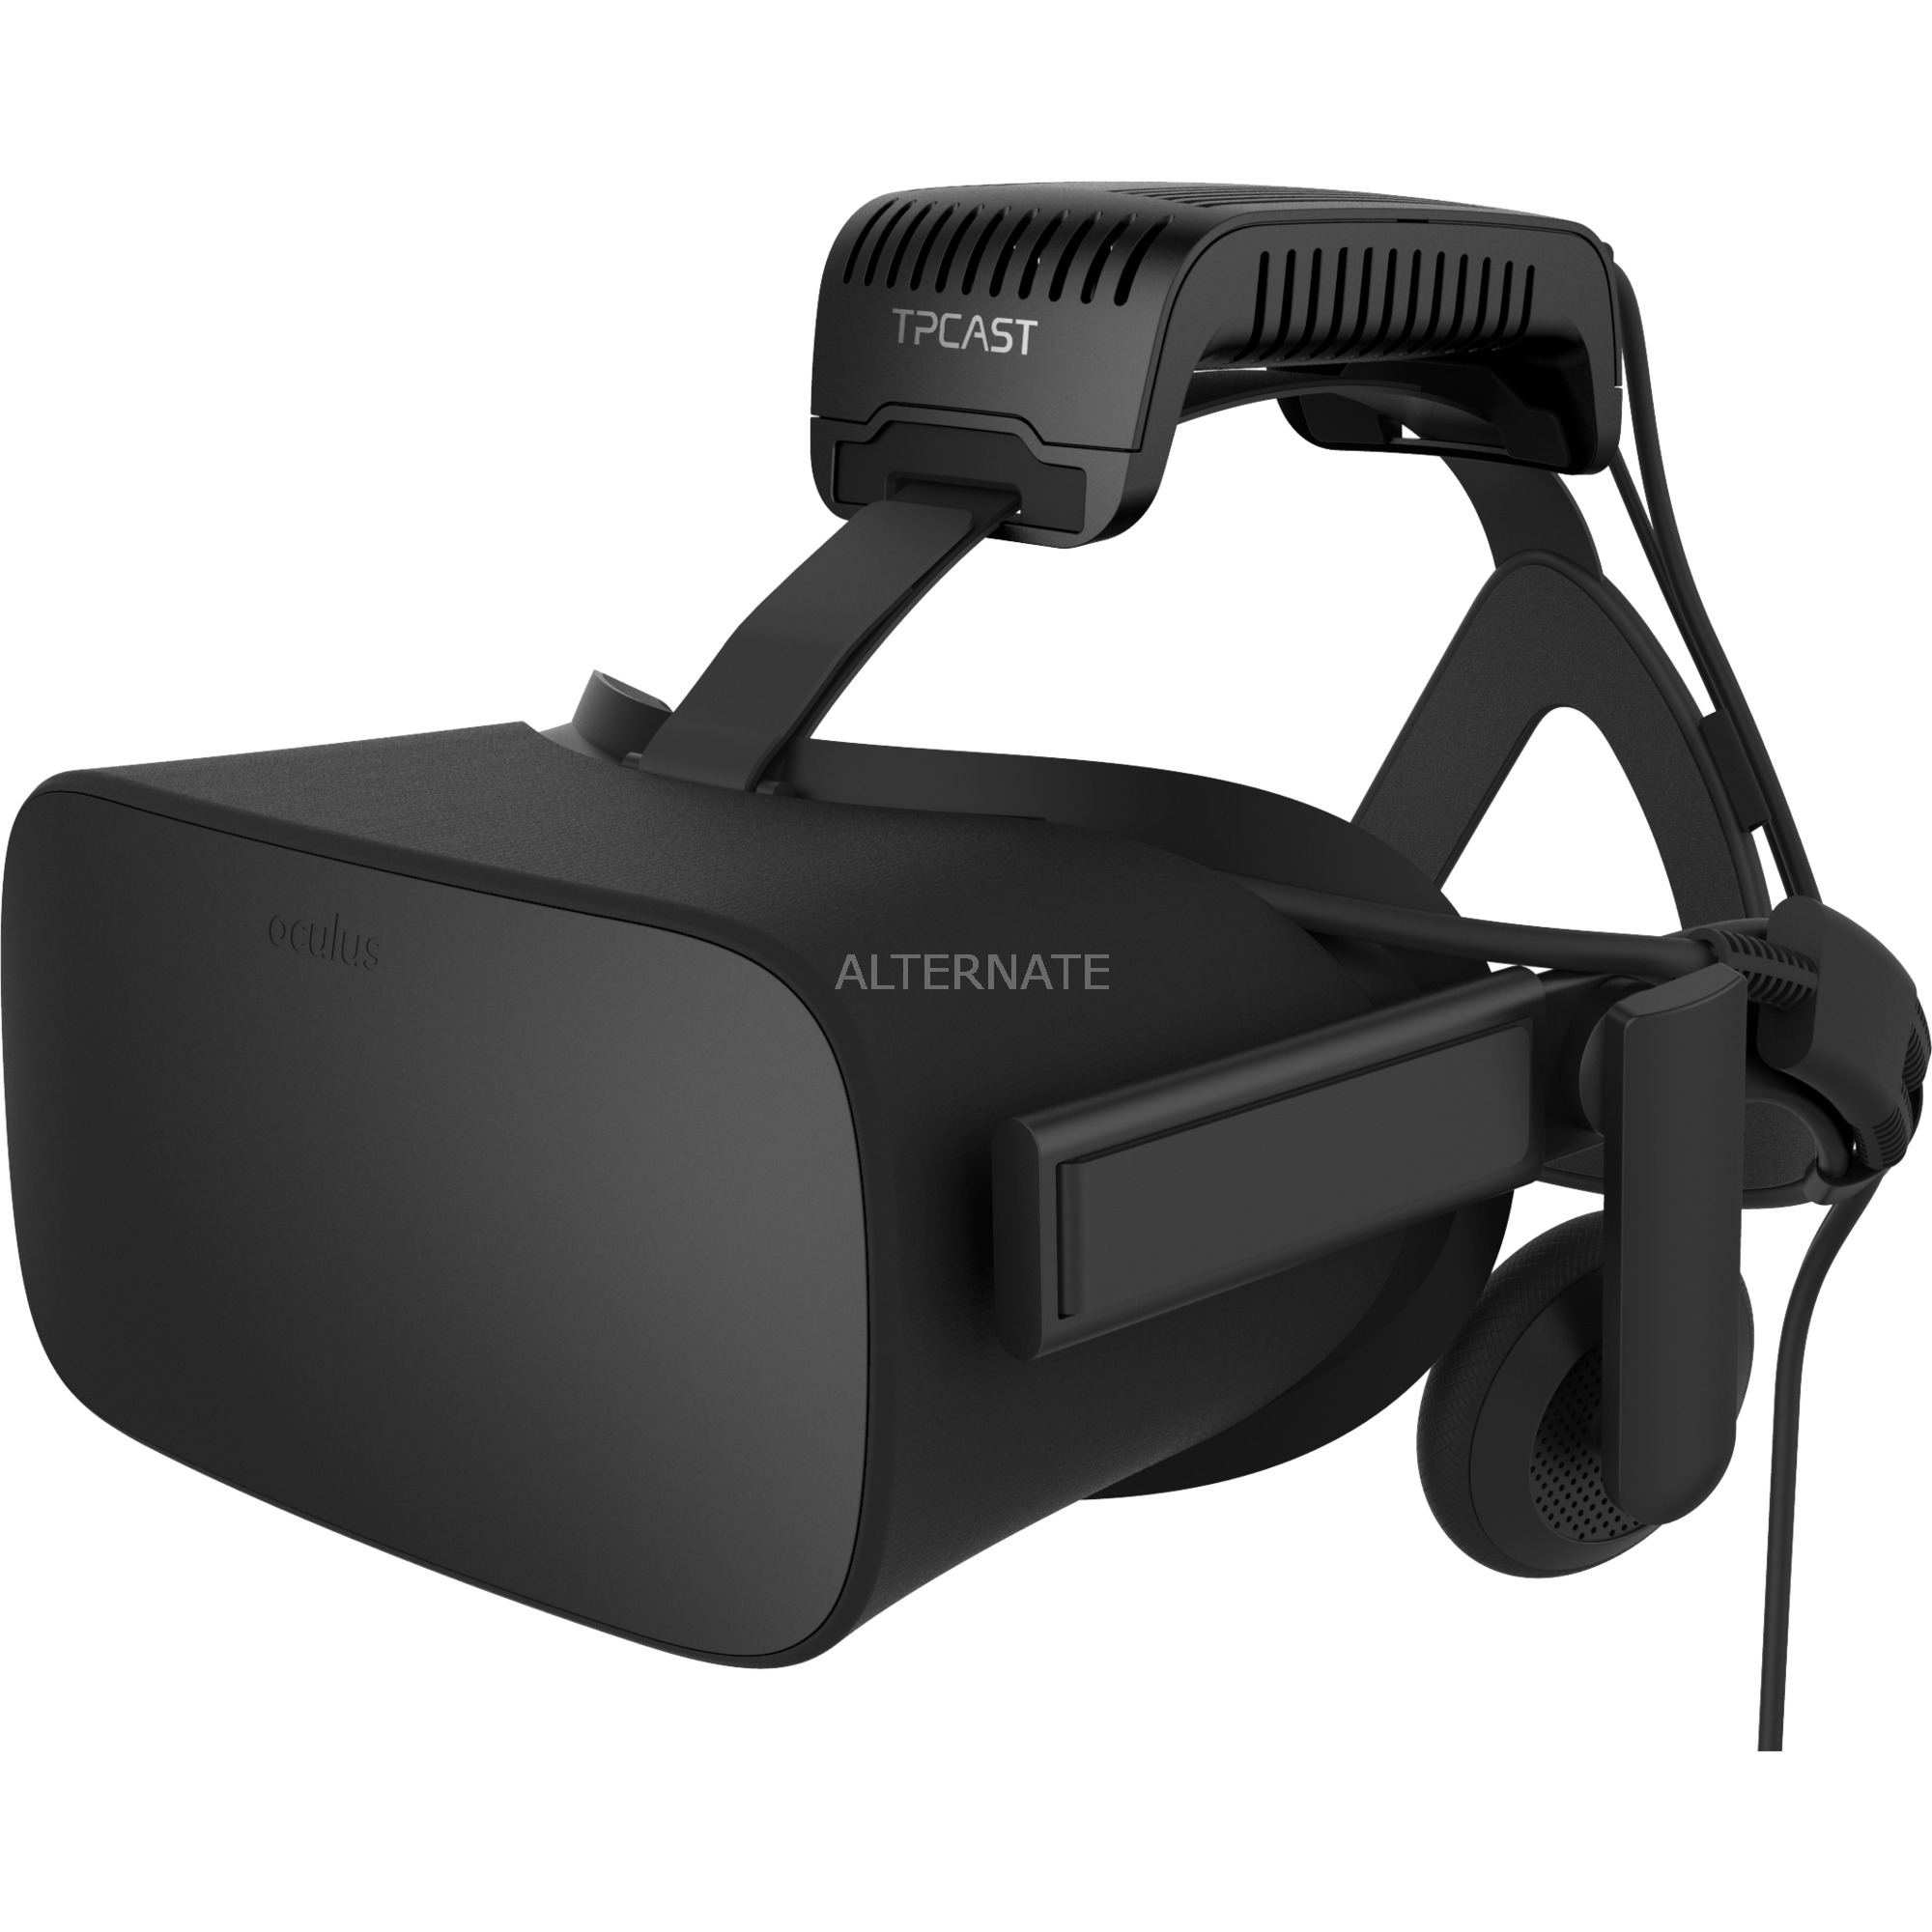 Wireless Adapter Oculus Rift, Adaptador